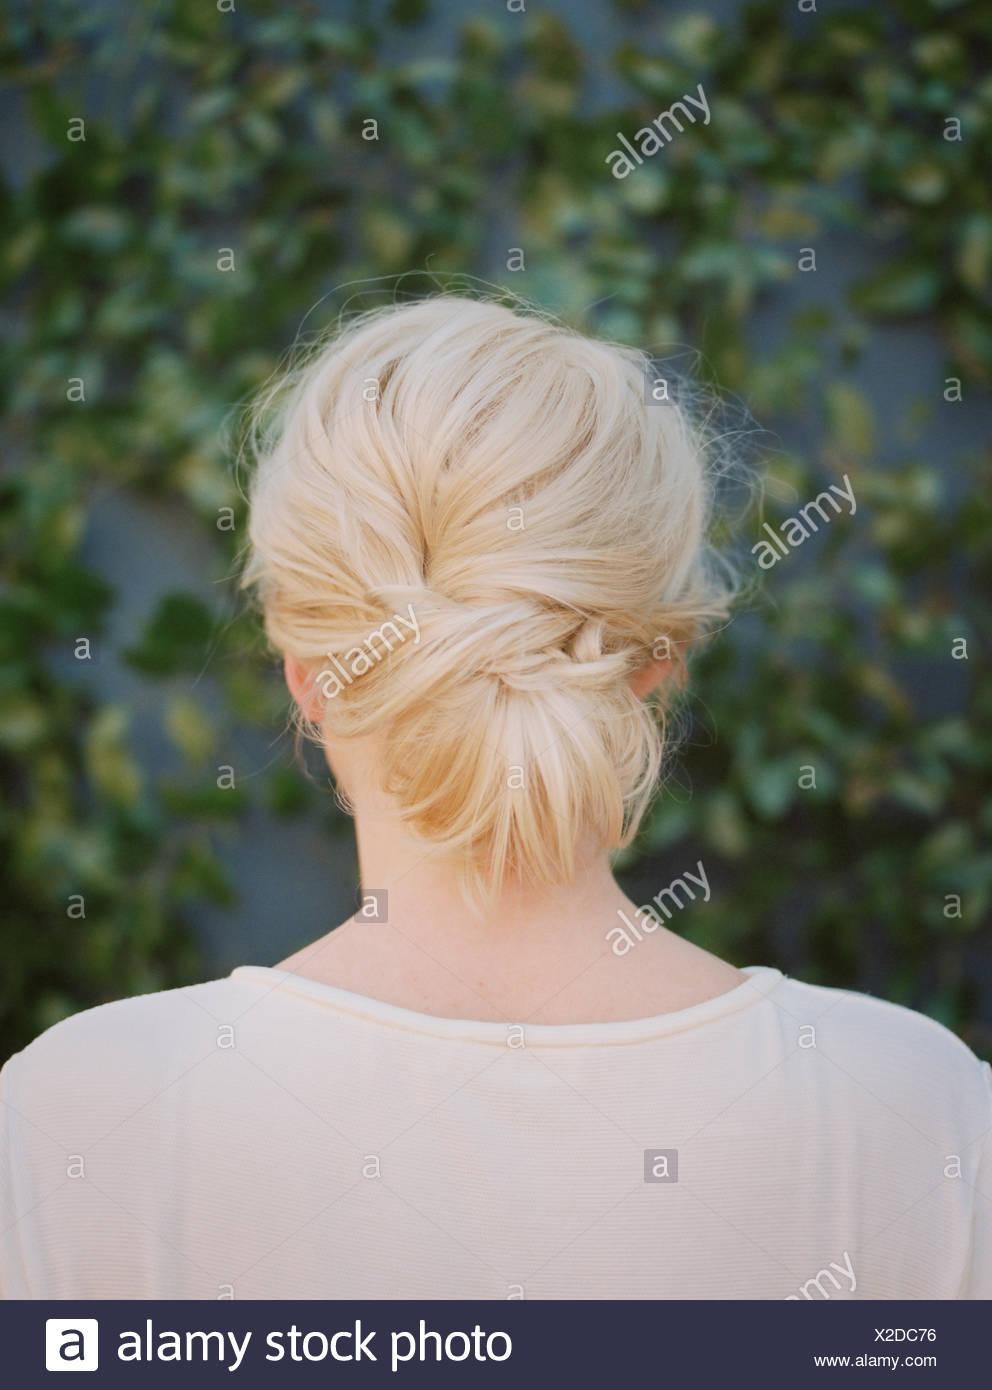 Une femme aux cheveux blonds disposés dans un noeud à la nuque. Photo Stock